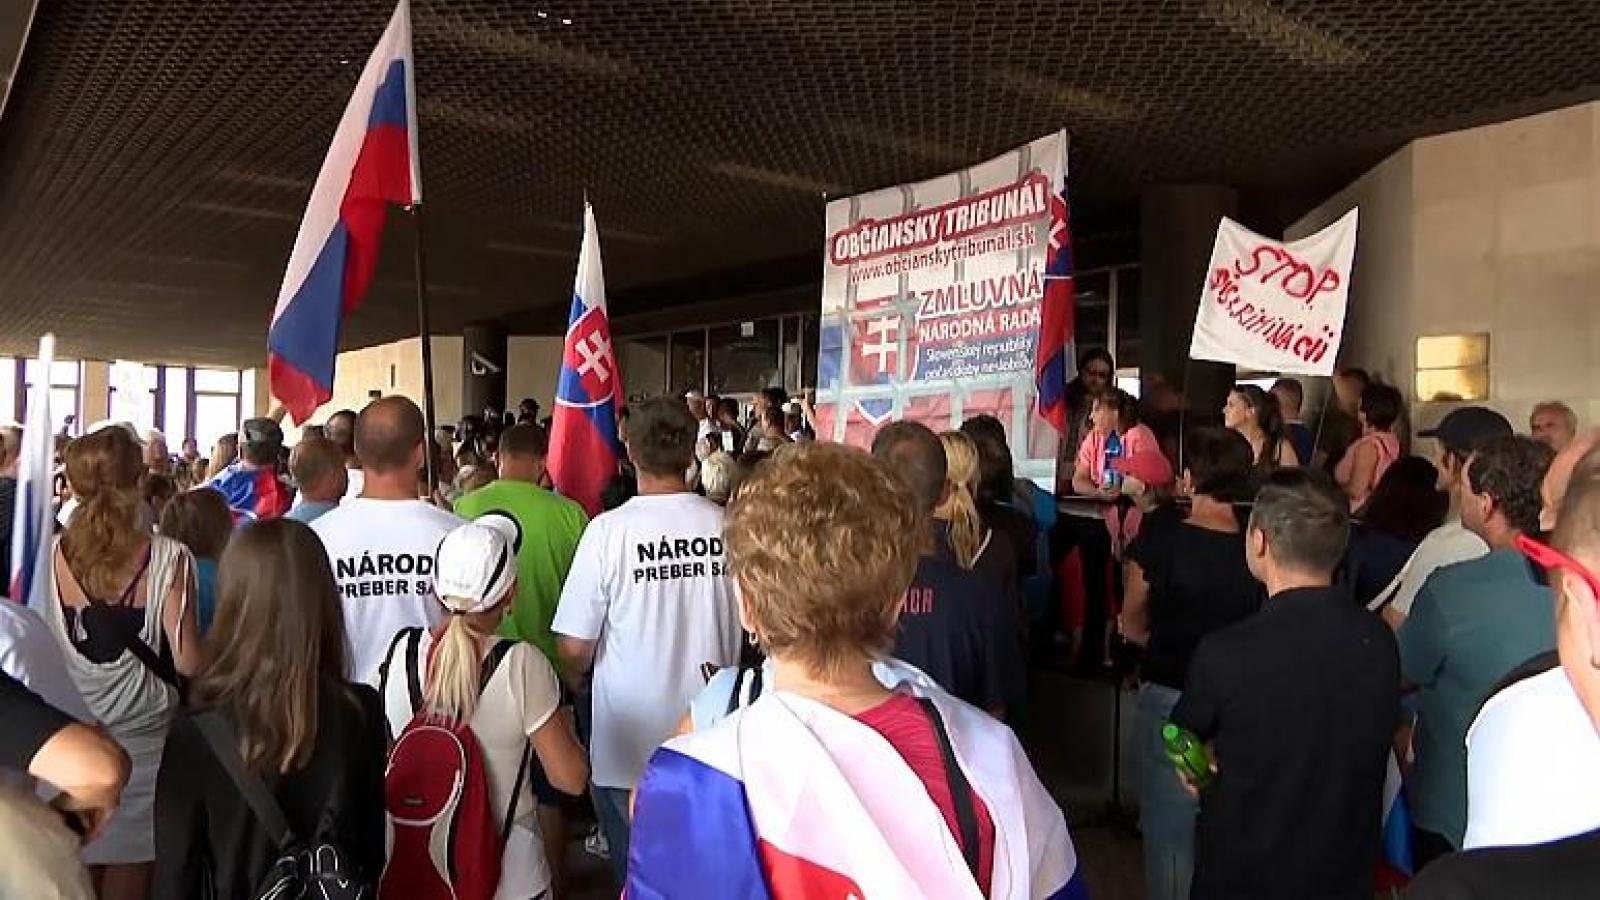 Người dânSlovakia biểu tình phản đối biện pháp mới chống COVID-19